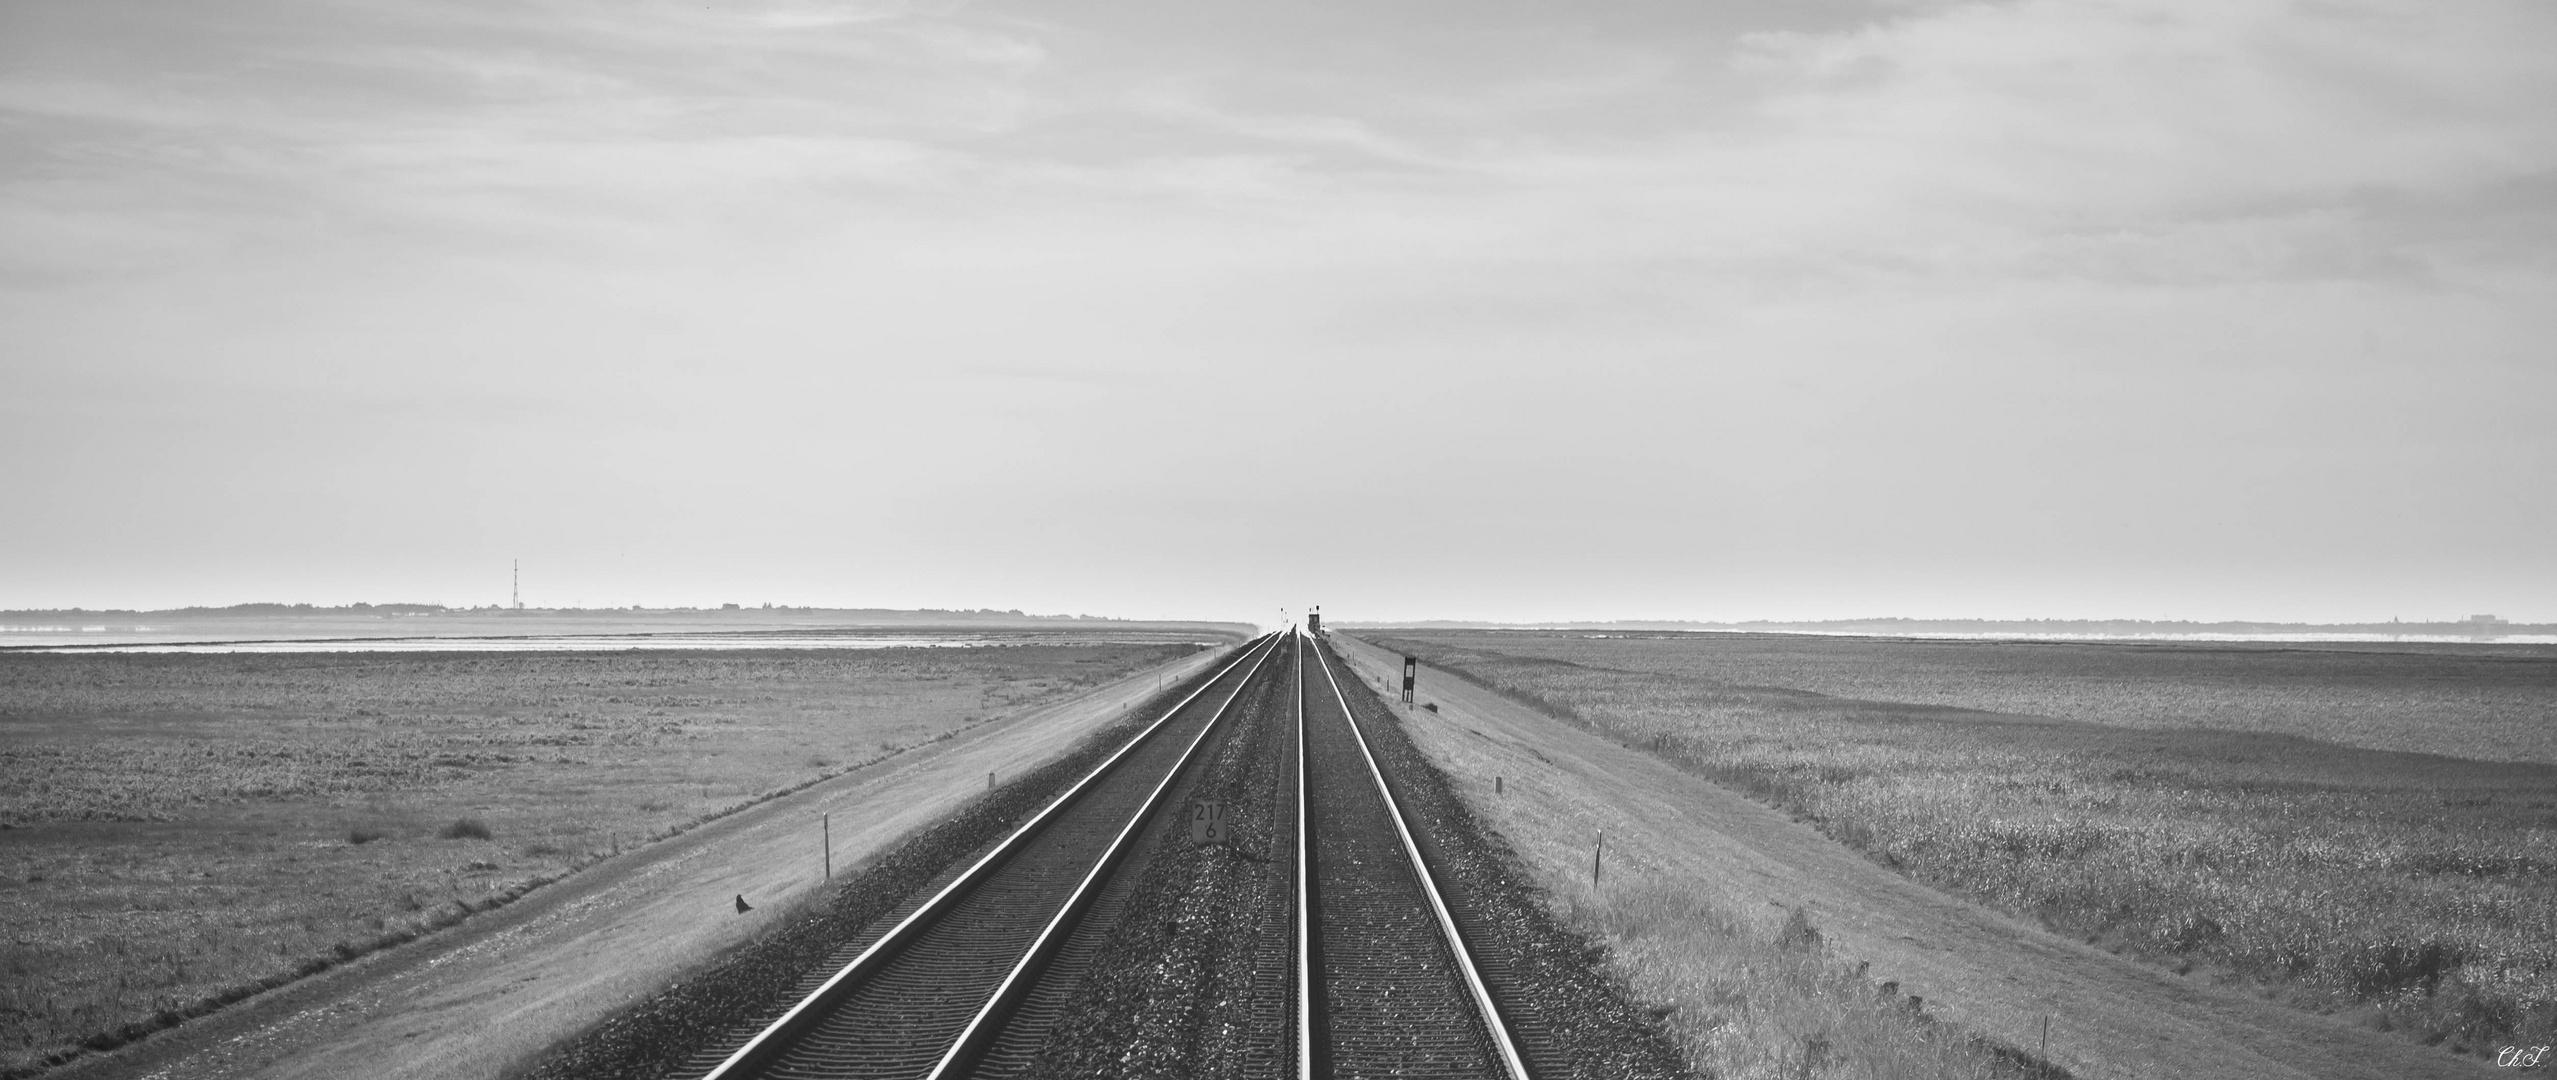 Marschbahn Impressionen III (Schluss)